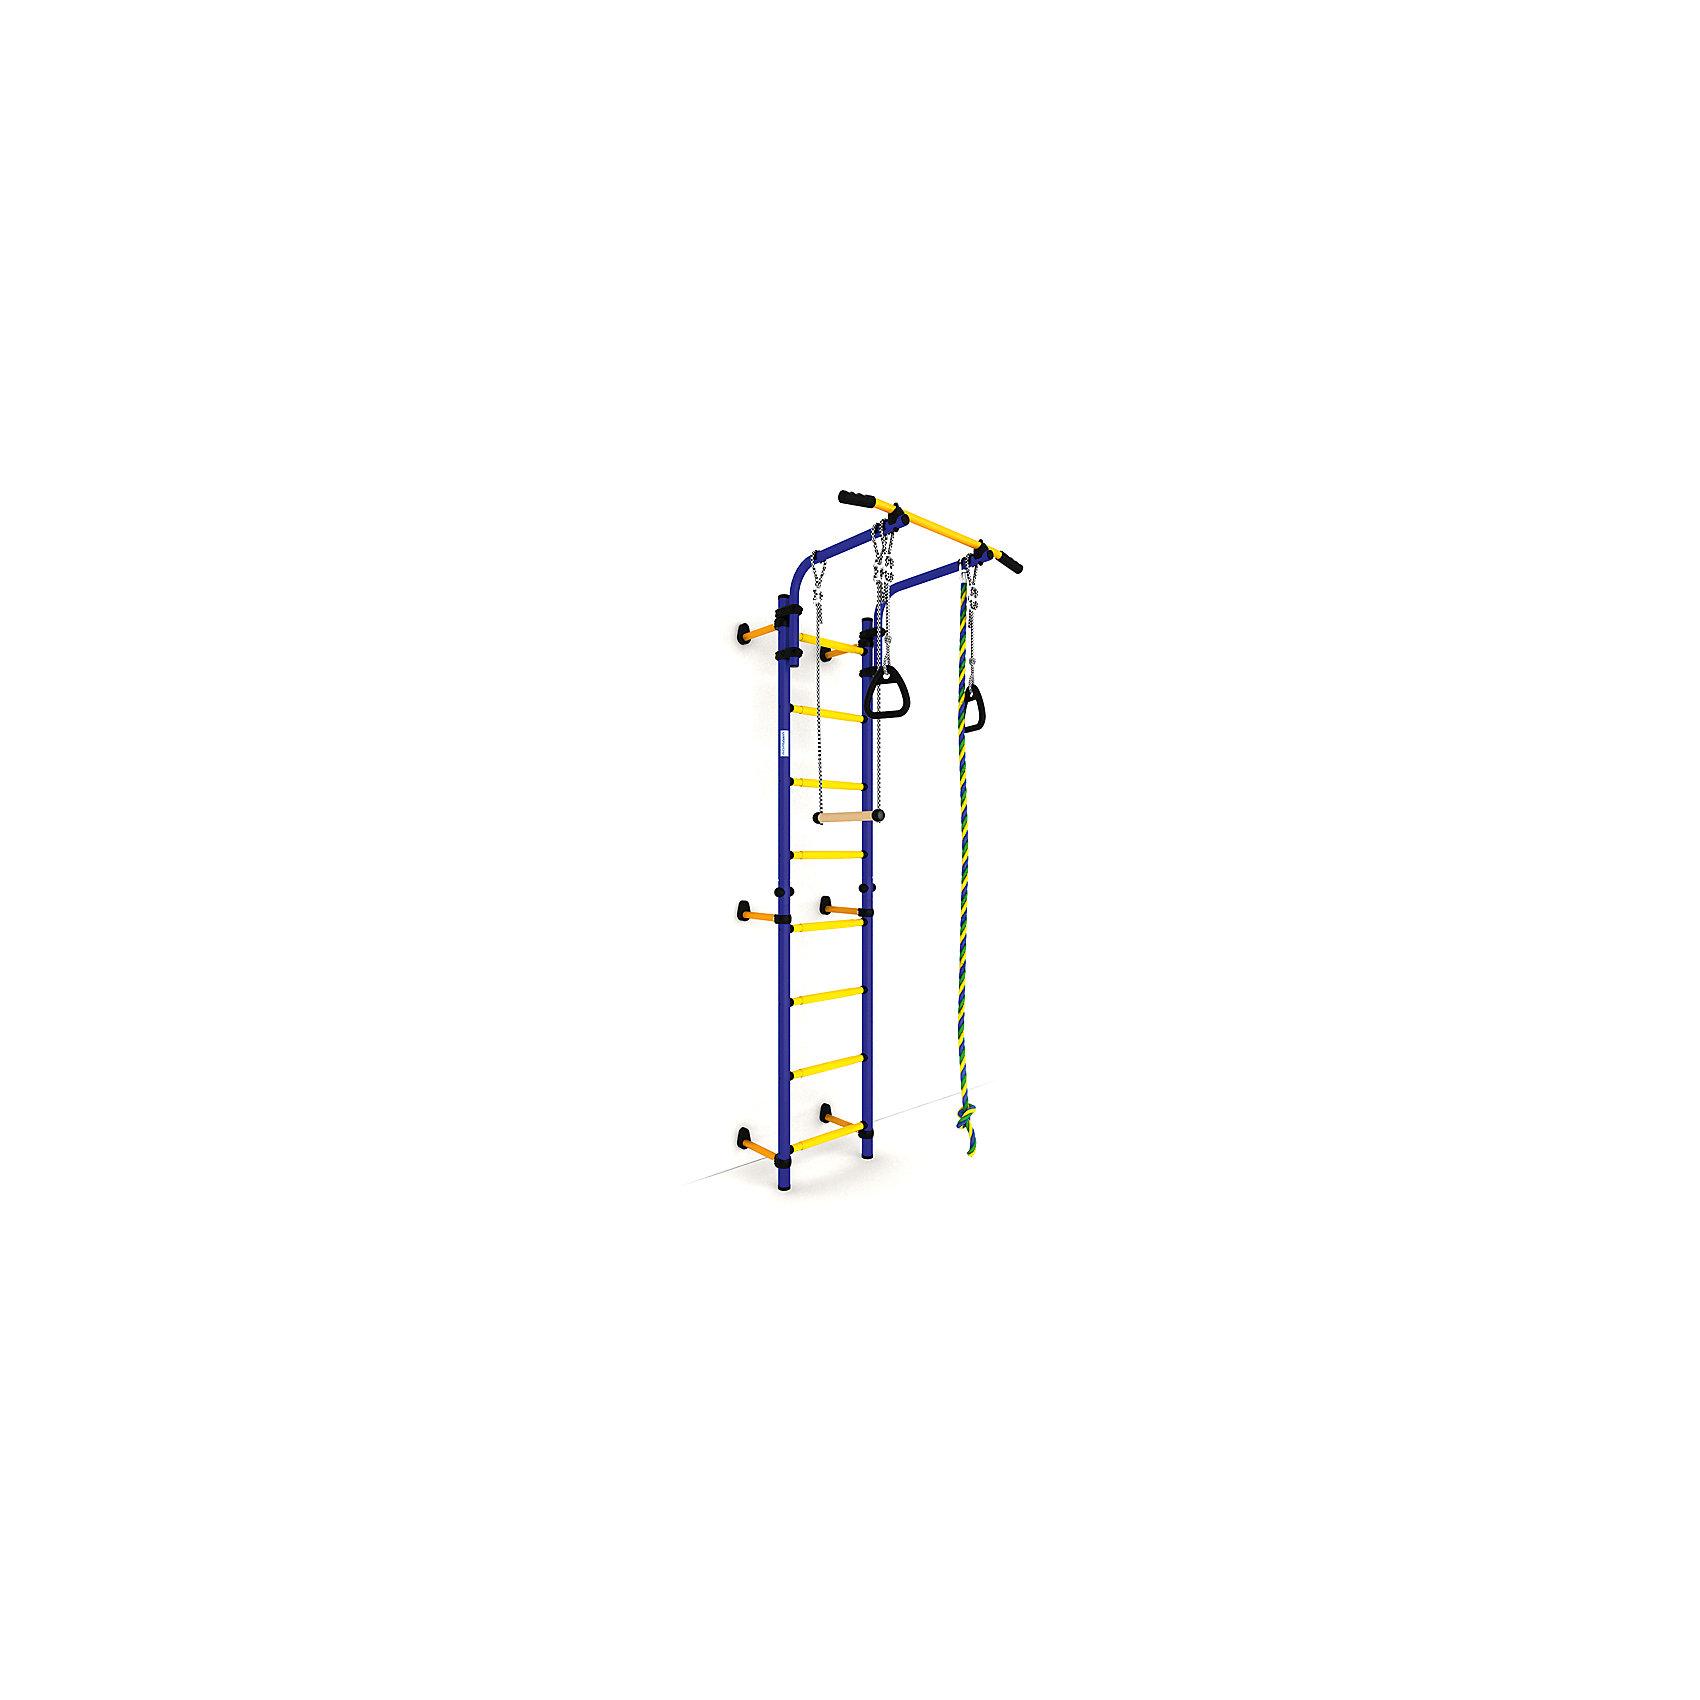 Шведская лестница NEXT-1 (410 мм), синий-желтыйШведские стенки<br>Шведская стенка с креплениями к стене Комета NEXT 1 - самый популярный домашний спортивный комплекс. Турник, регулируемый по длине лестницы, позволяет делать упражнения на комфортной для пользователя высоте.<br><br>Ширина мм: 1160<br>Глубина мм: 535<br>Высота мм: 140<br>Вес г: 23000<br>Возраст от месяцев: 36<br>Возраст до месяцев: 192<br>Пол: Унисекс<br>Возраст: Детский<br>SKU: 5251540